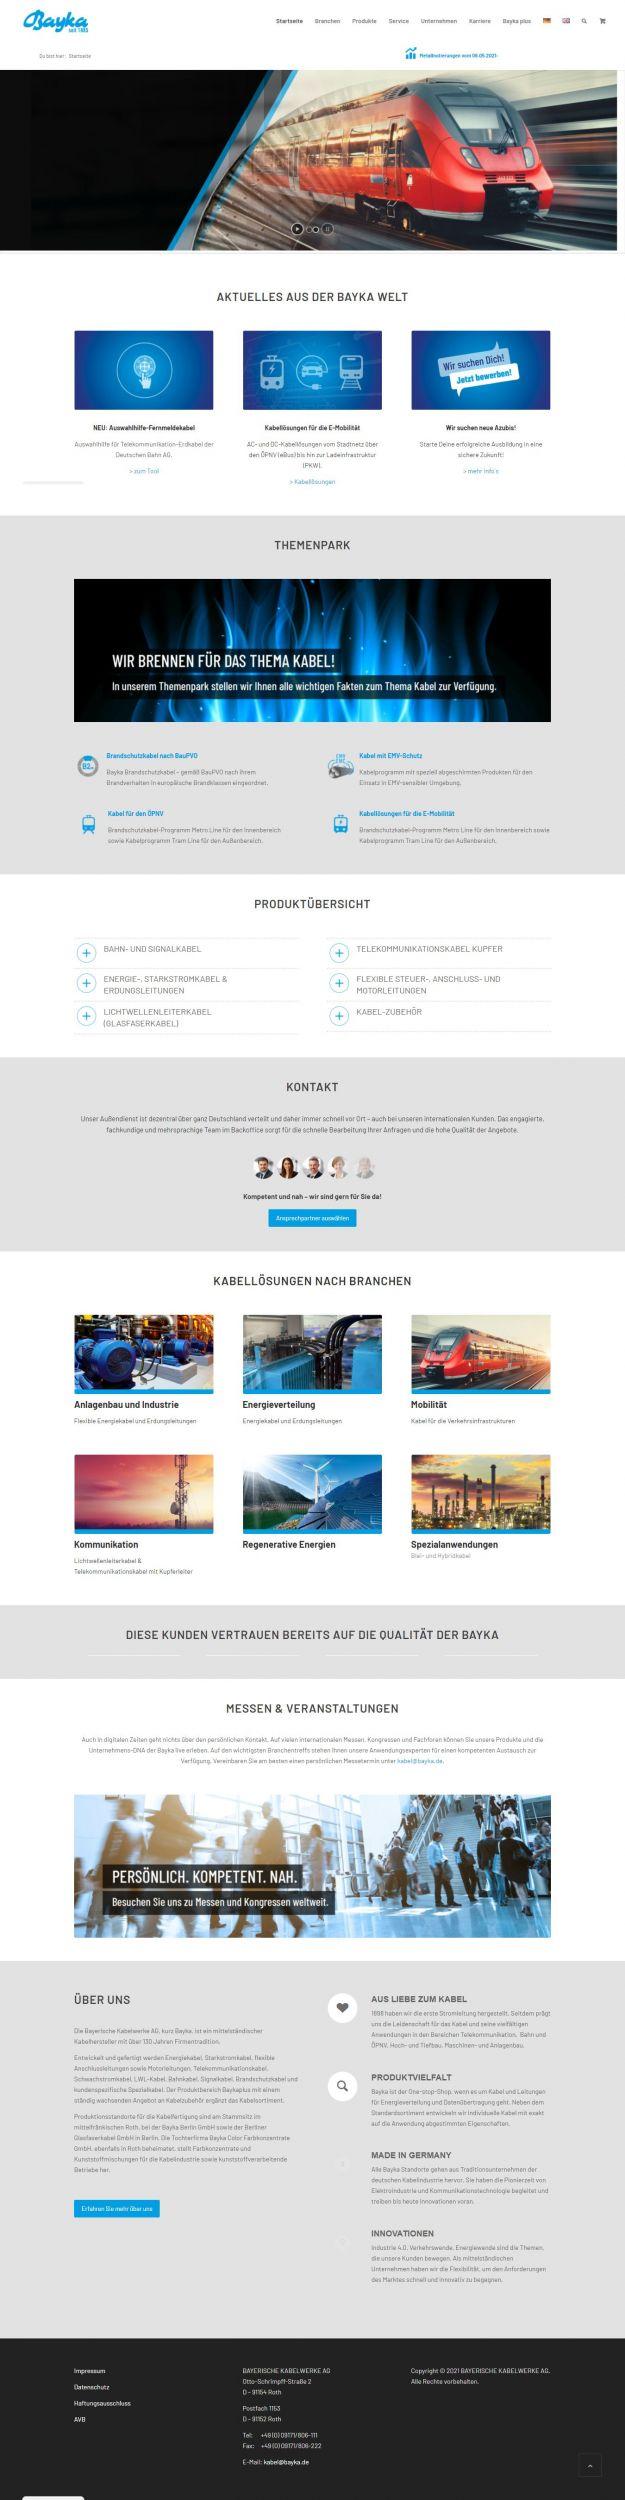 Webseiten-Relaunch der Bayerischen Kabelwerke